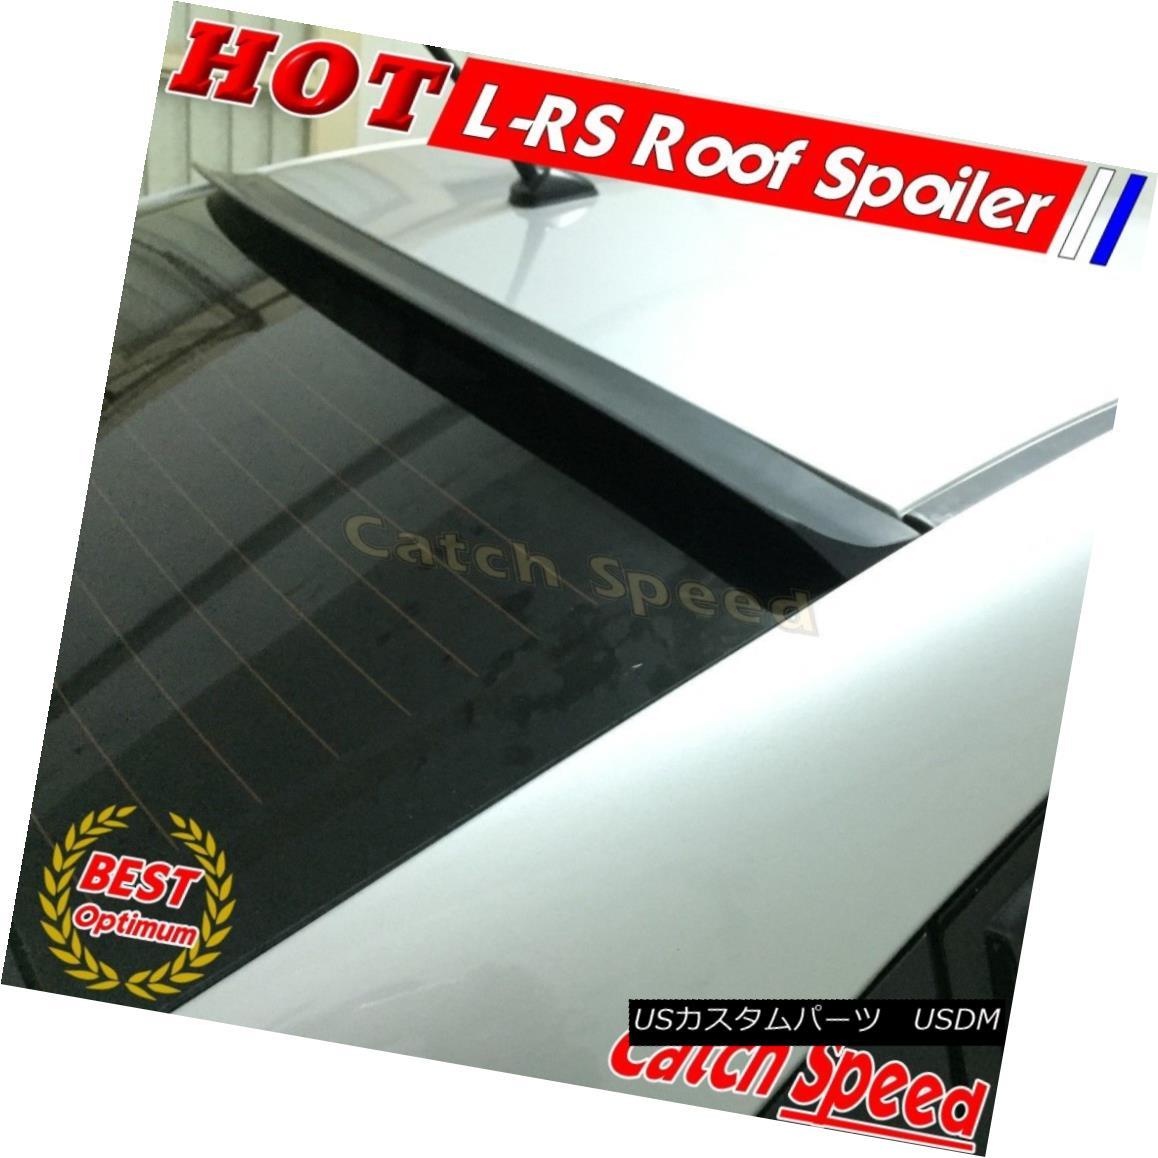 エアロパーツ Flat Black LRS Style Rear Roof Spoiler Wing For Chevrolet Malibu 8th 2013-2015 ? シボレーマリブのフラットブラックLRSスタイルリアルーフスポイラーウイング8th 2013-2015?